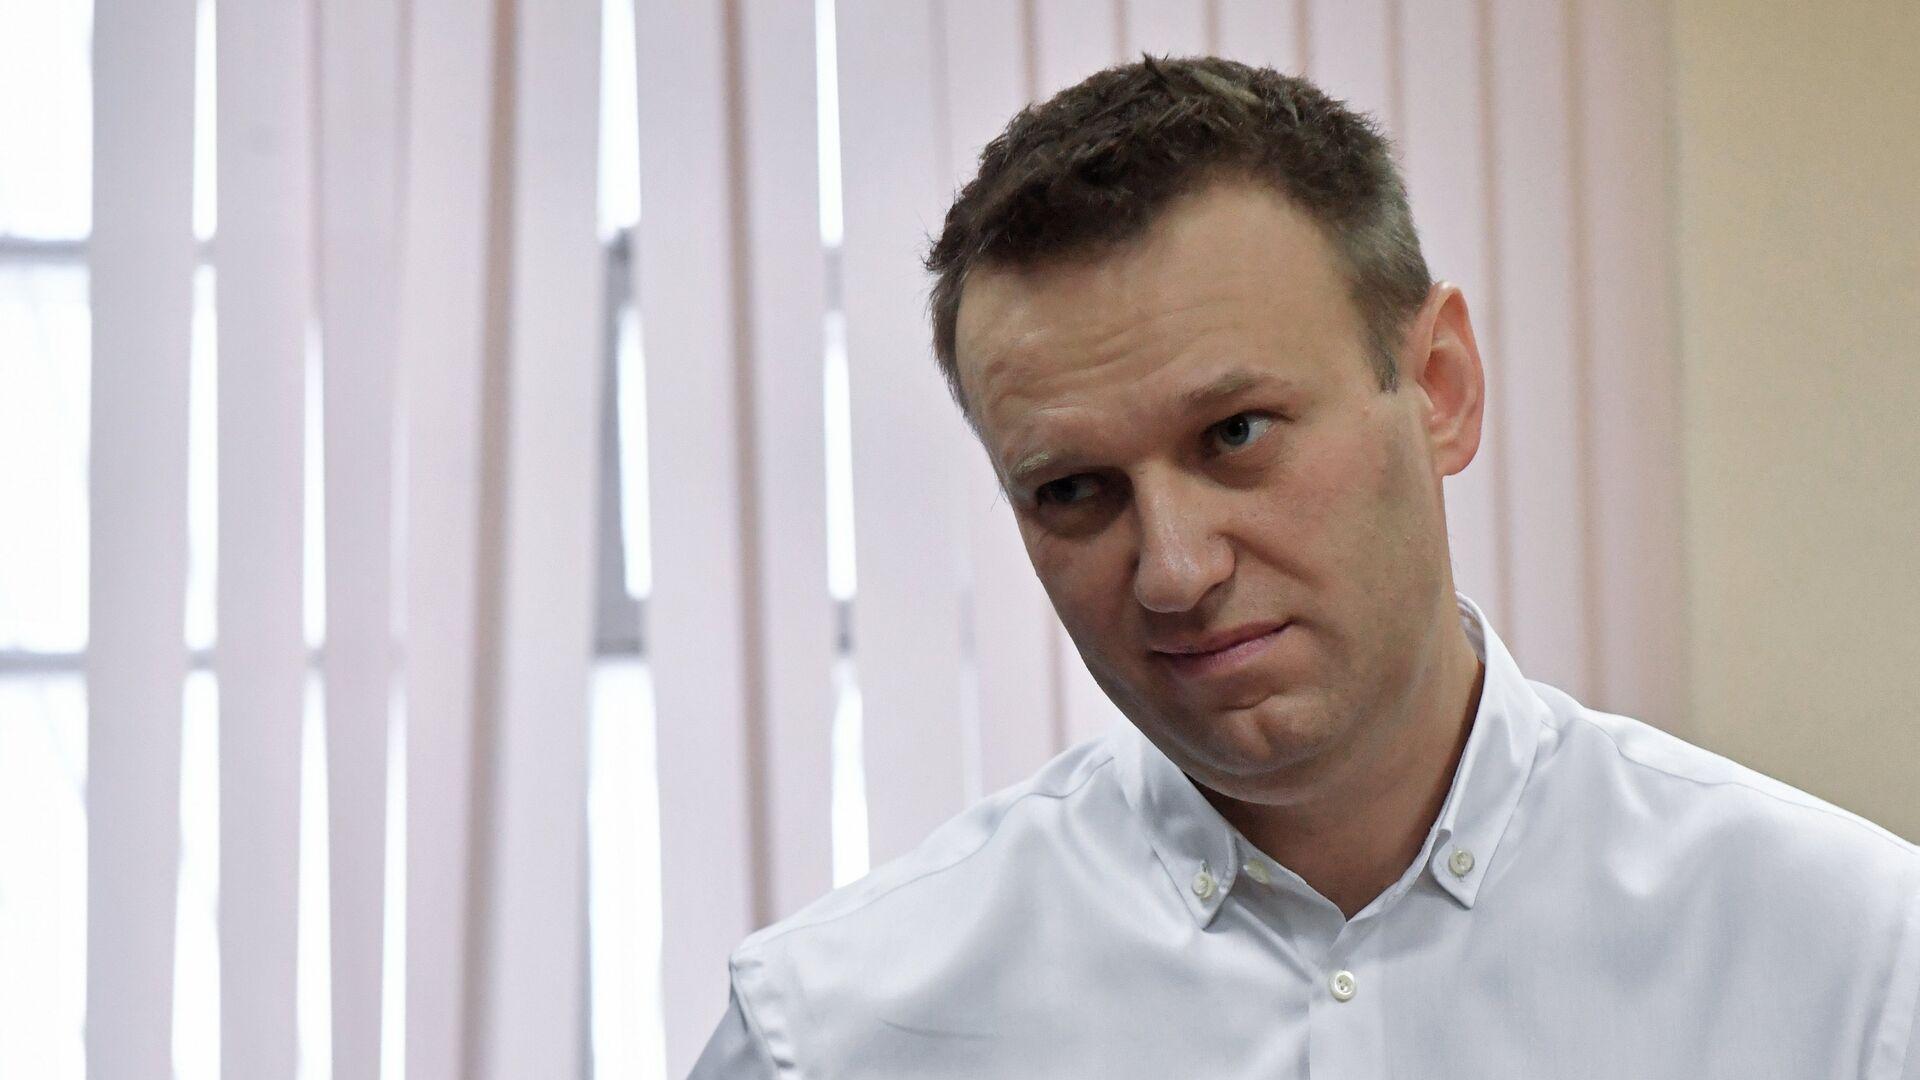 Оглашение приговора Алексею Навальному - Sputnik Таджикистан, 1920, 08.09.2021